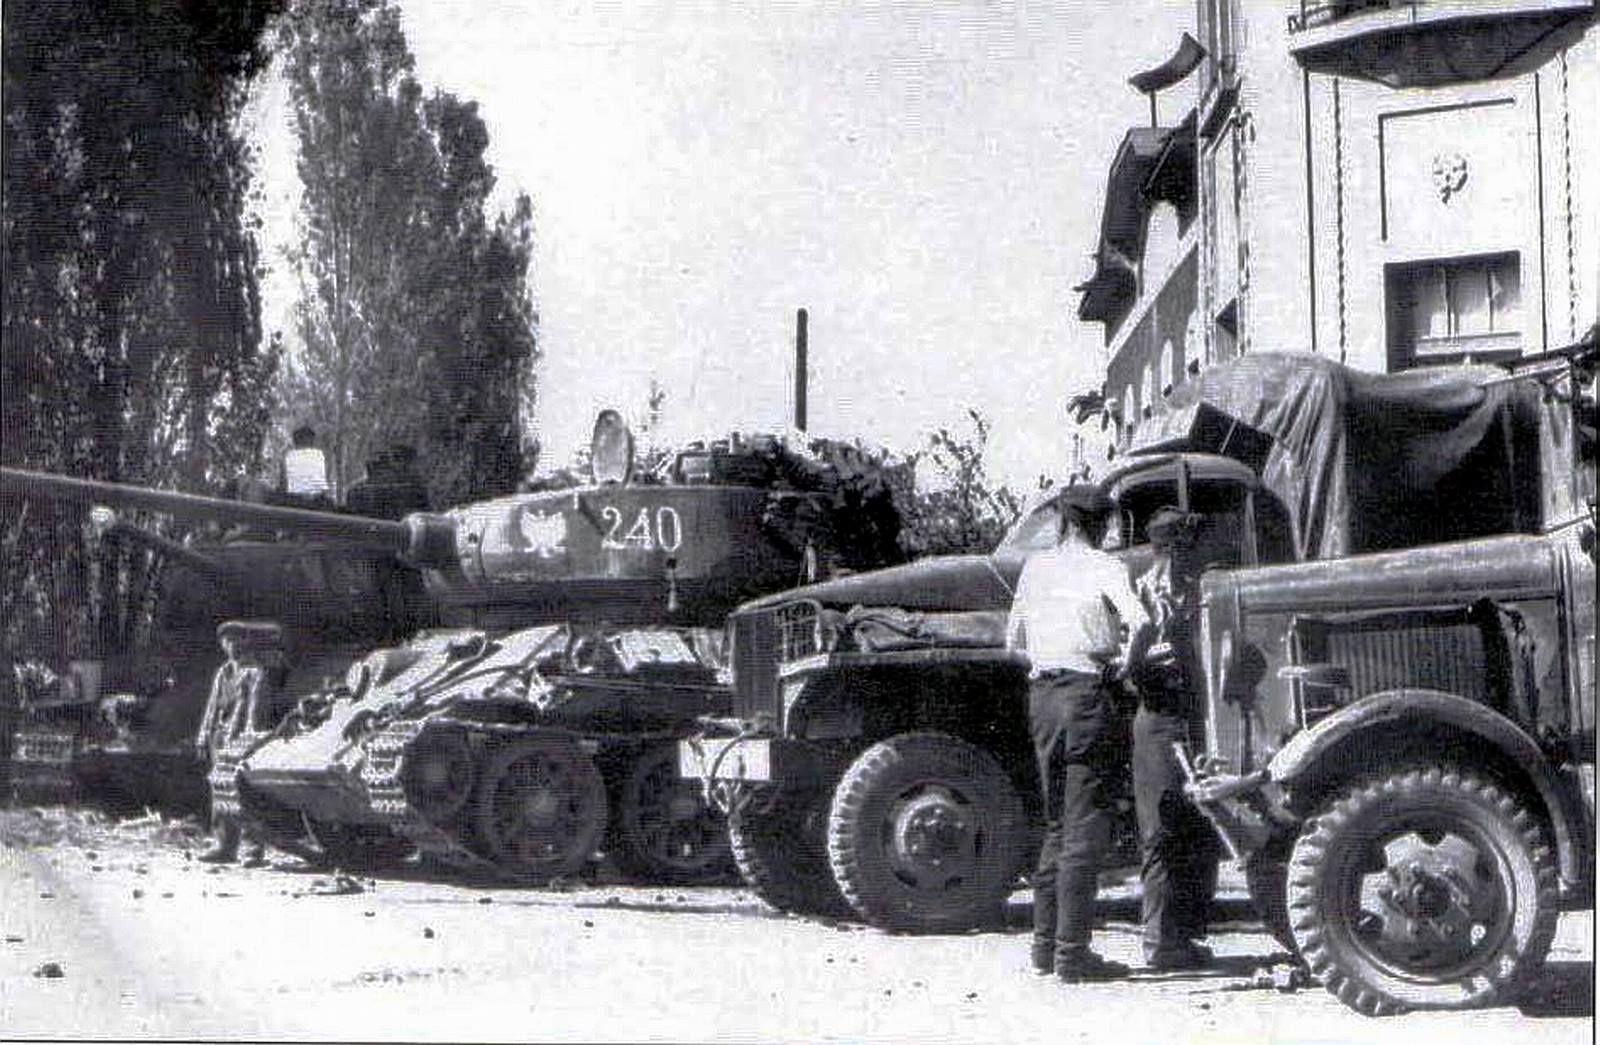 Polskie T-34-85 z 2 Batalionu Motocyklowego 1 Korpusu Zmechanizowanego nad rzeką Zravca w Czechach. Maj 1945 r.